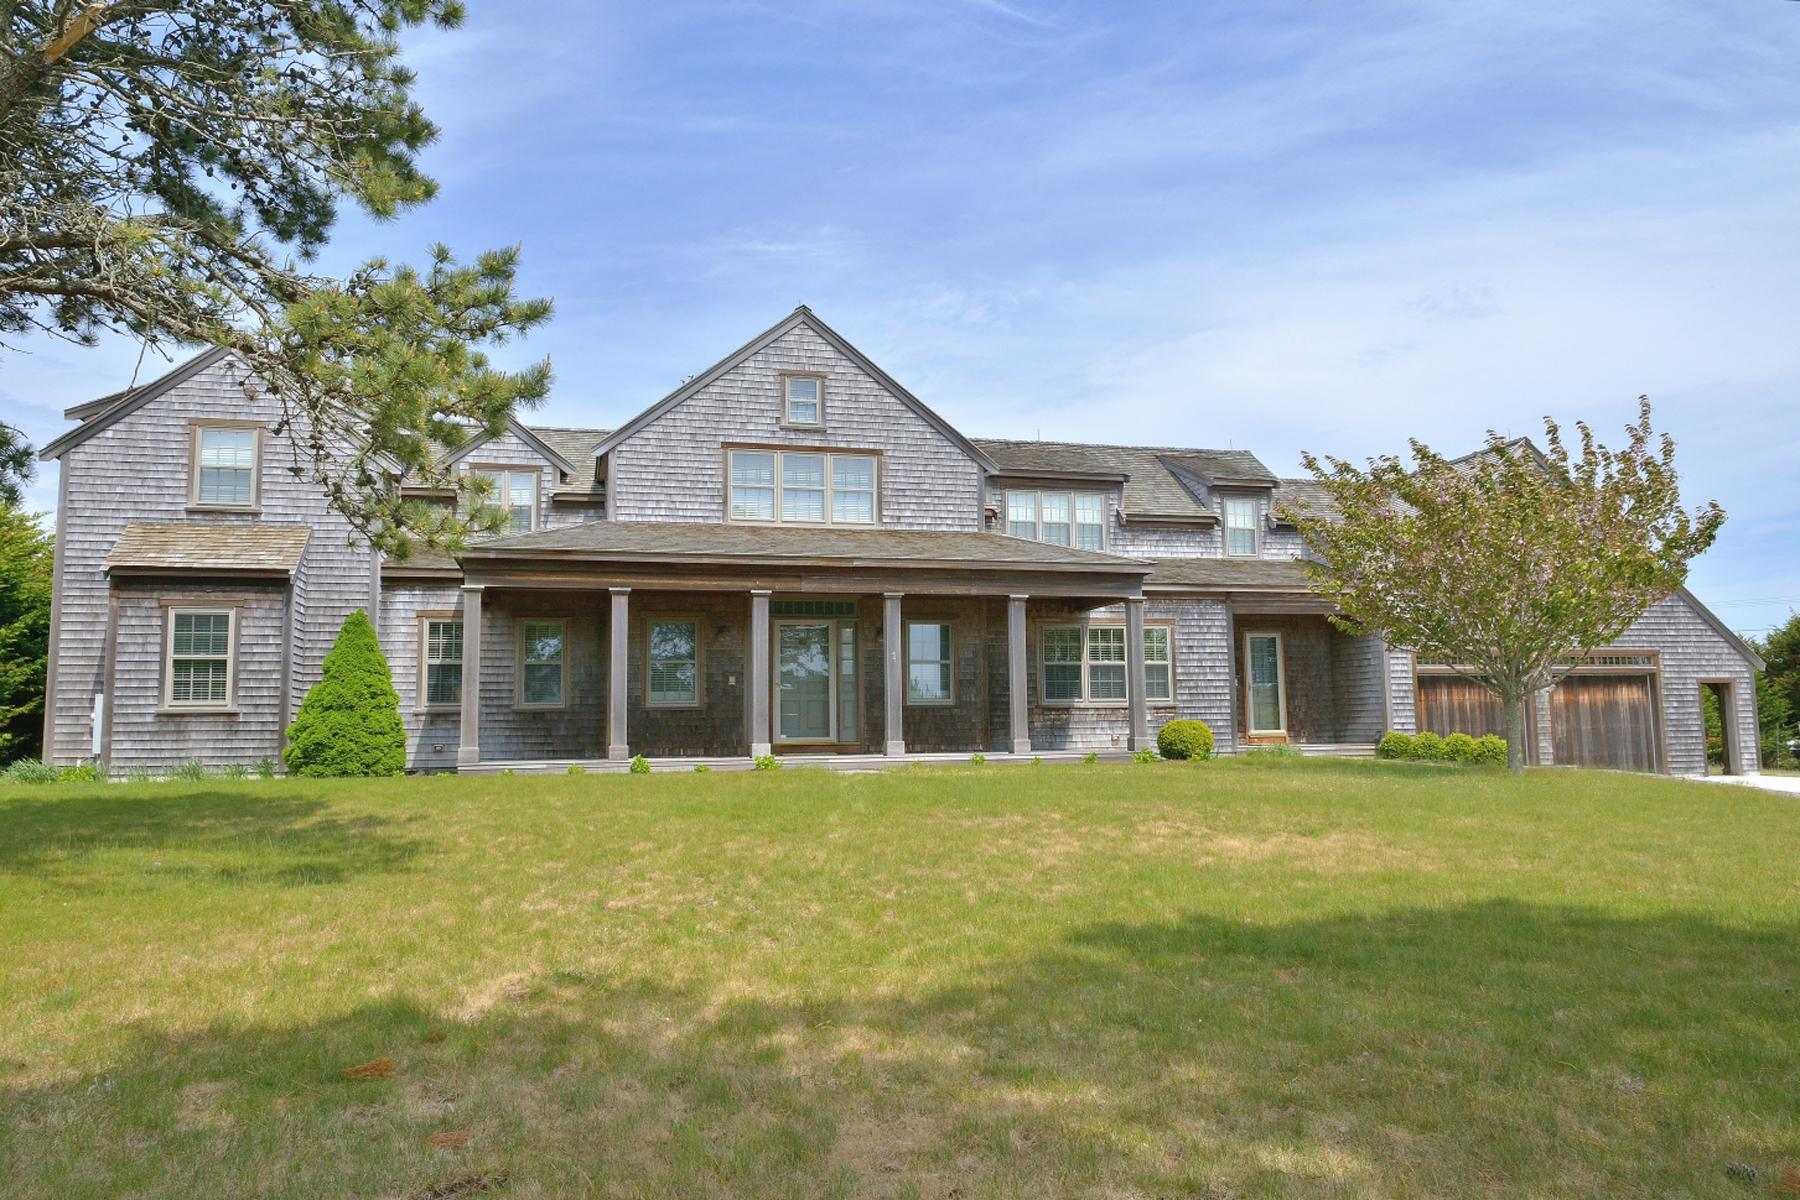 Частный односемейный дом для того Продажа на 2 Acres - West of Town 1 Maxey Pond Road Nantucket, Массачусетс 02554 Соединенные Штаты